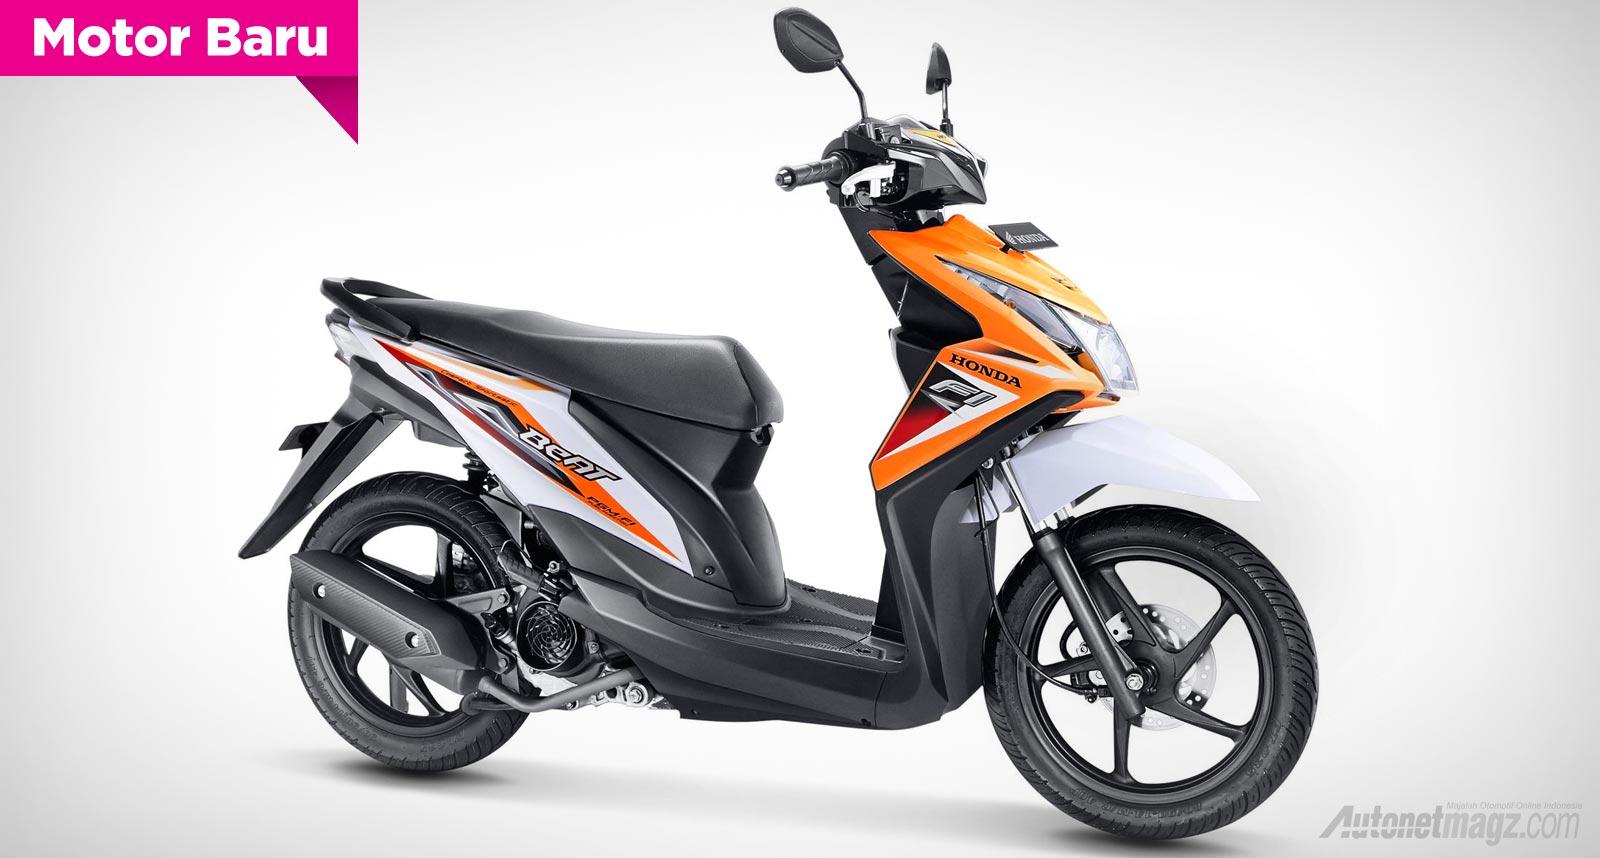 Honda, Honda Beat striping Baru 2014: Honda Beat 2014 Striping Baru Lebih Ramah Lingkungan